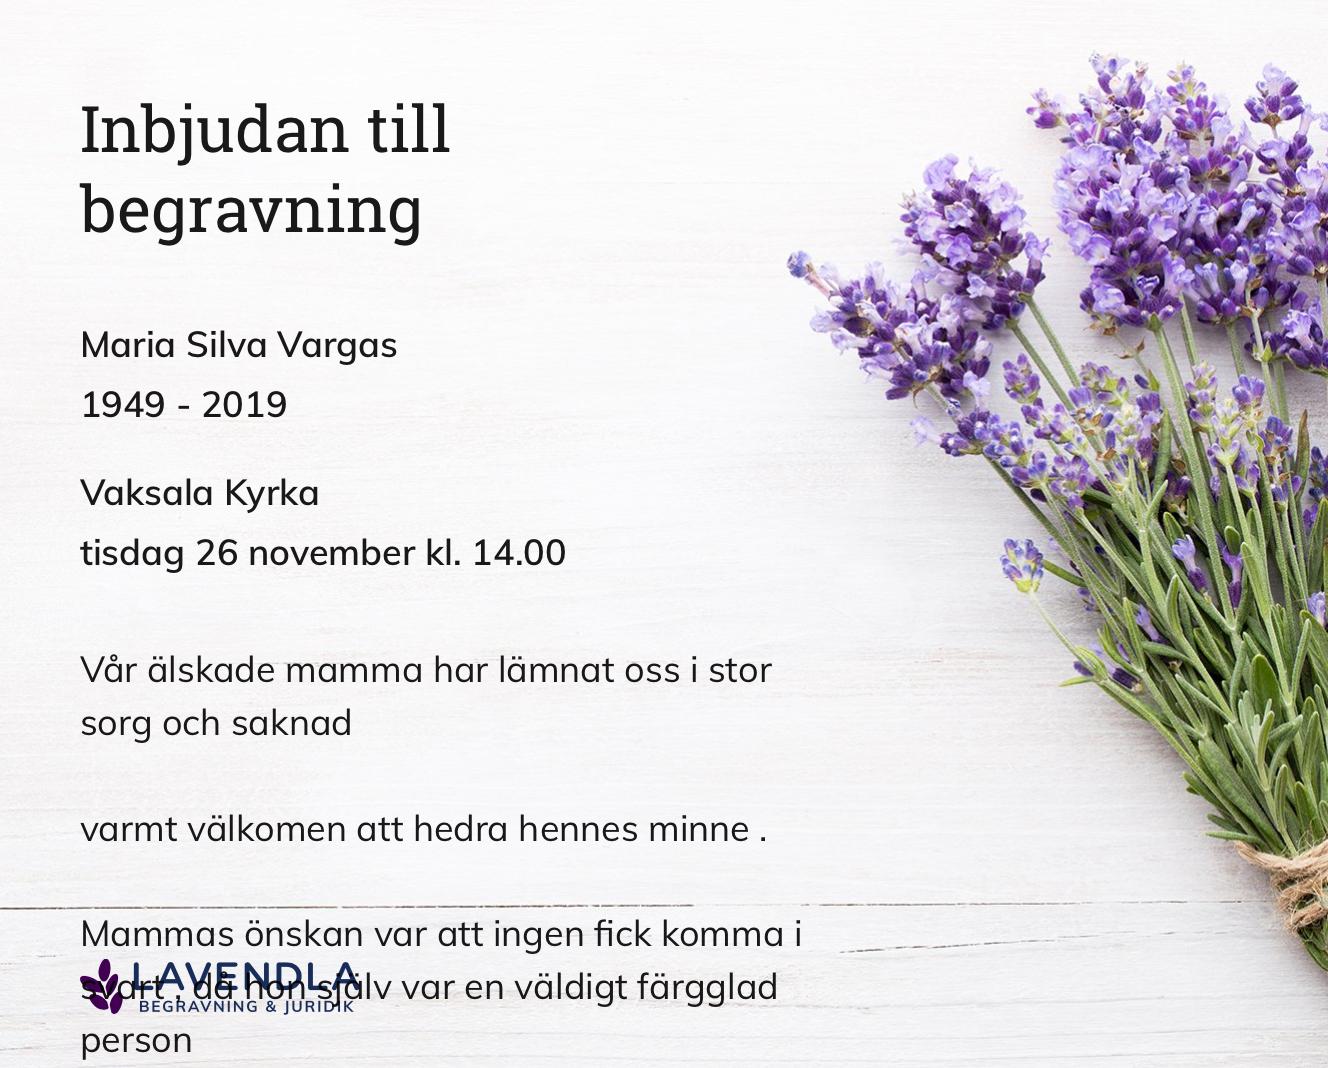 Inbjudningskort till ceremonin för Maria Silva Vargas